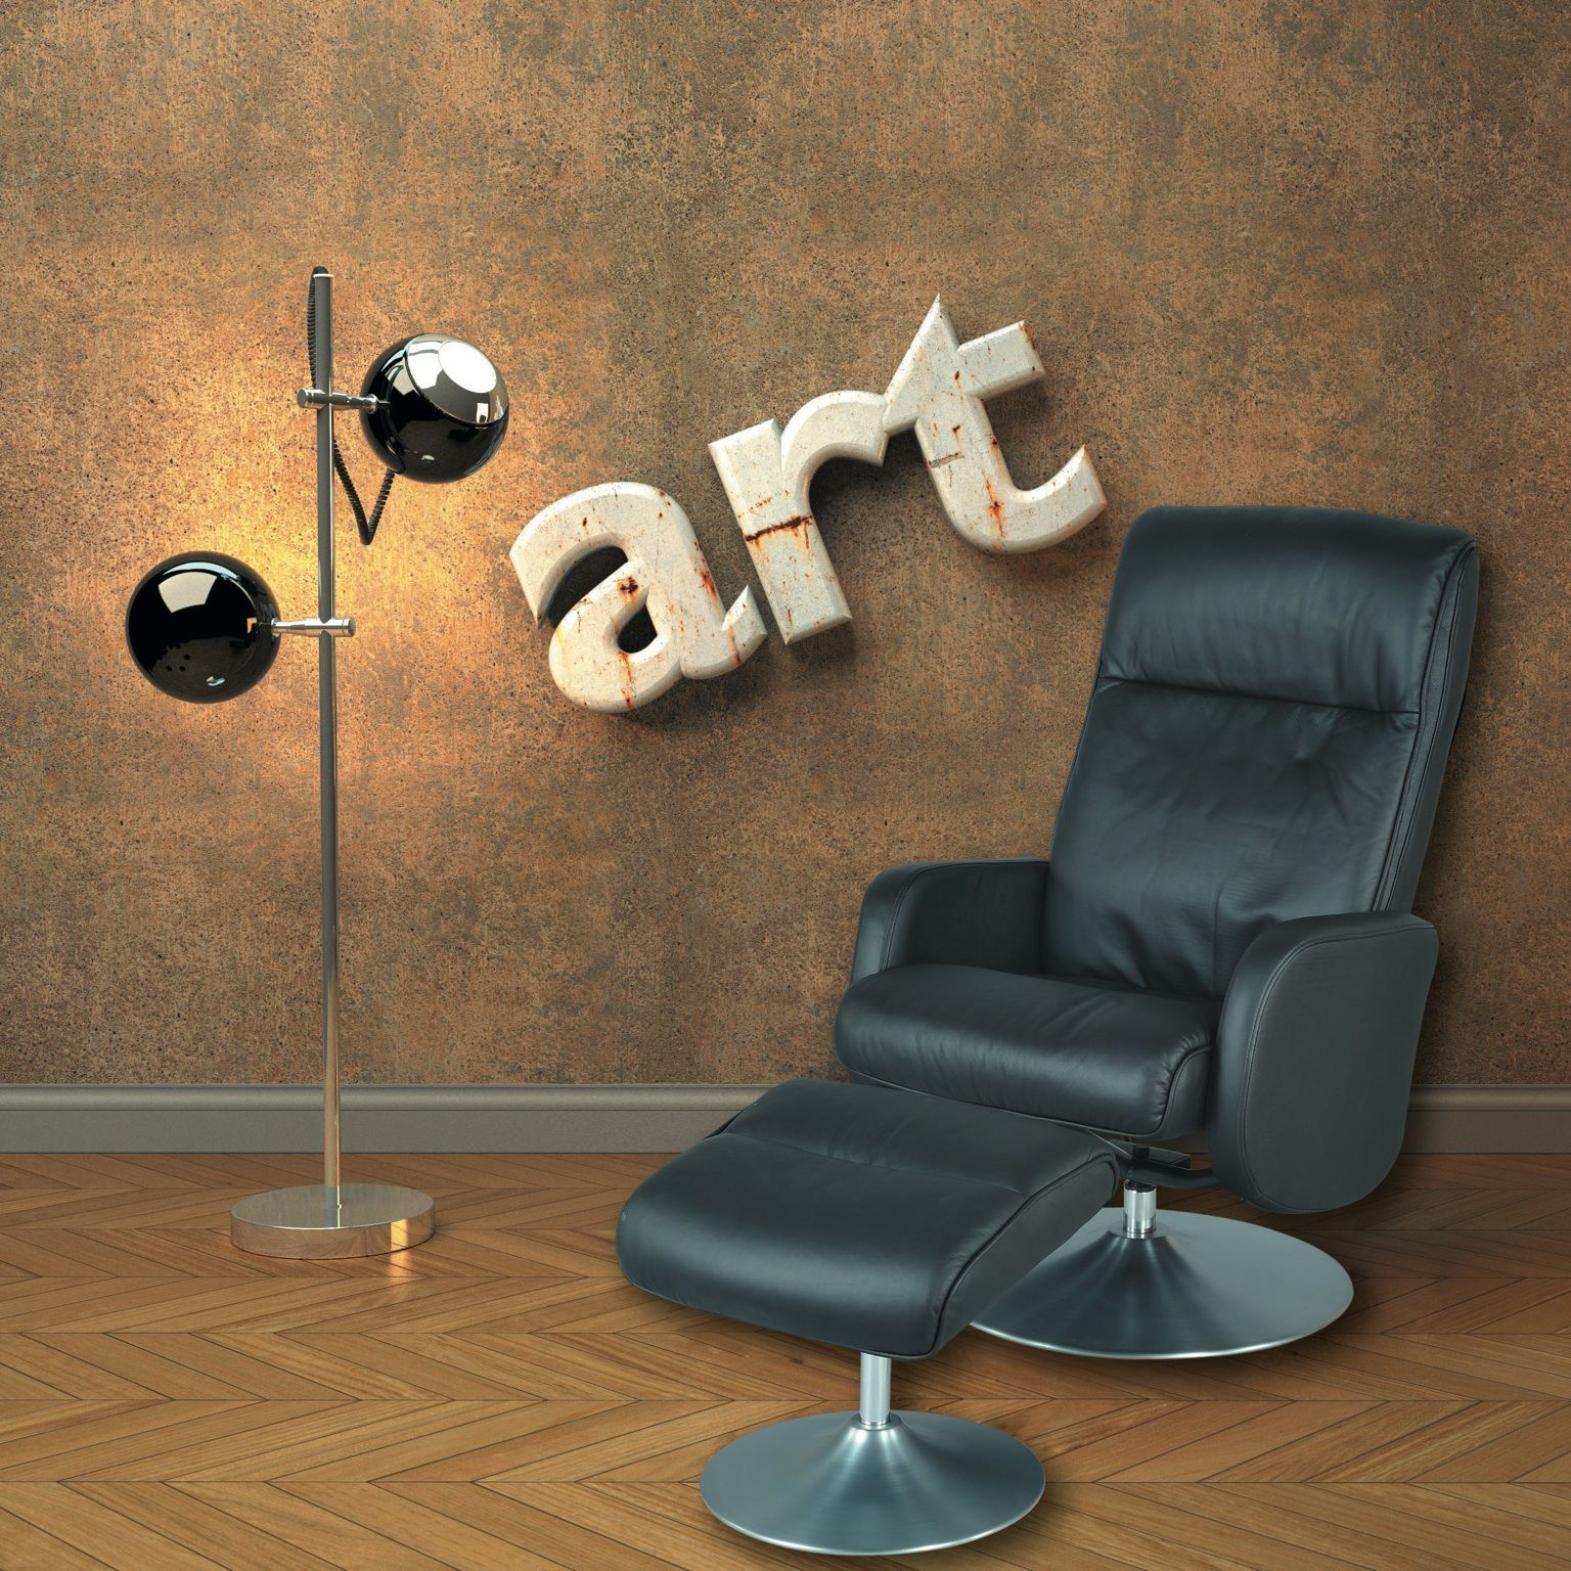 fauteuil relax en cuir inclinable et pivotant avec pouf le zappeur axel confort. Black Bedroom Furniture Sets. Home Design Ideas